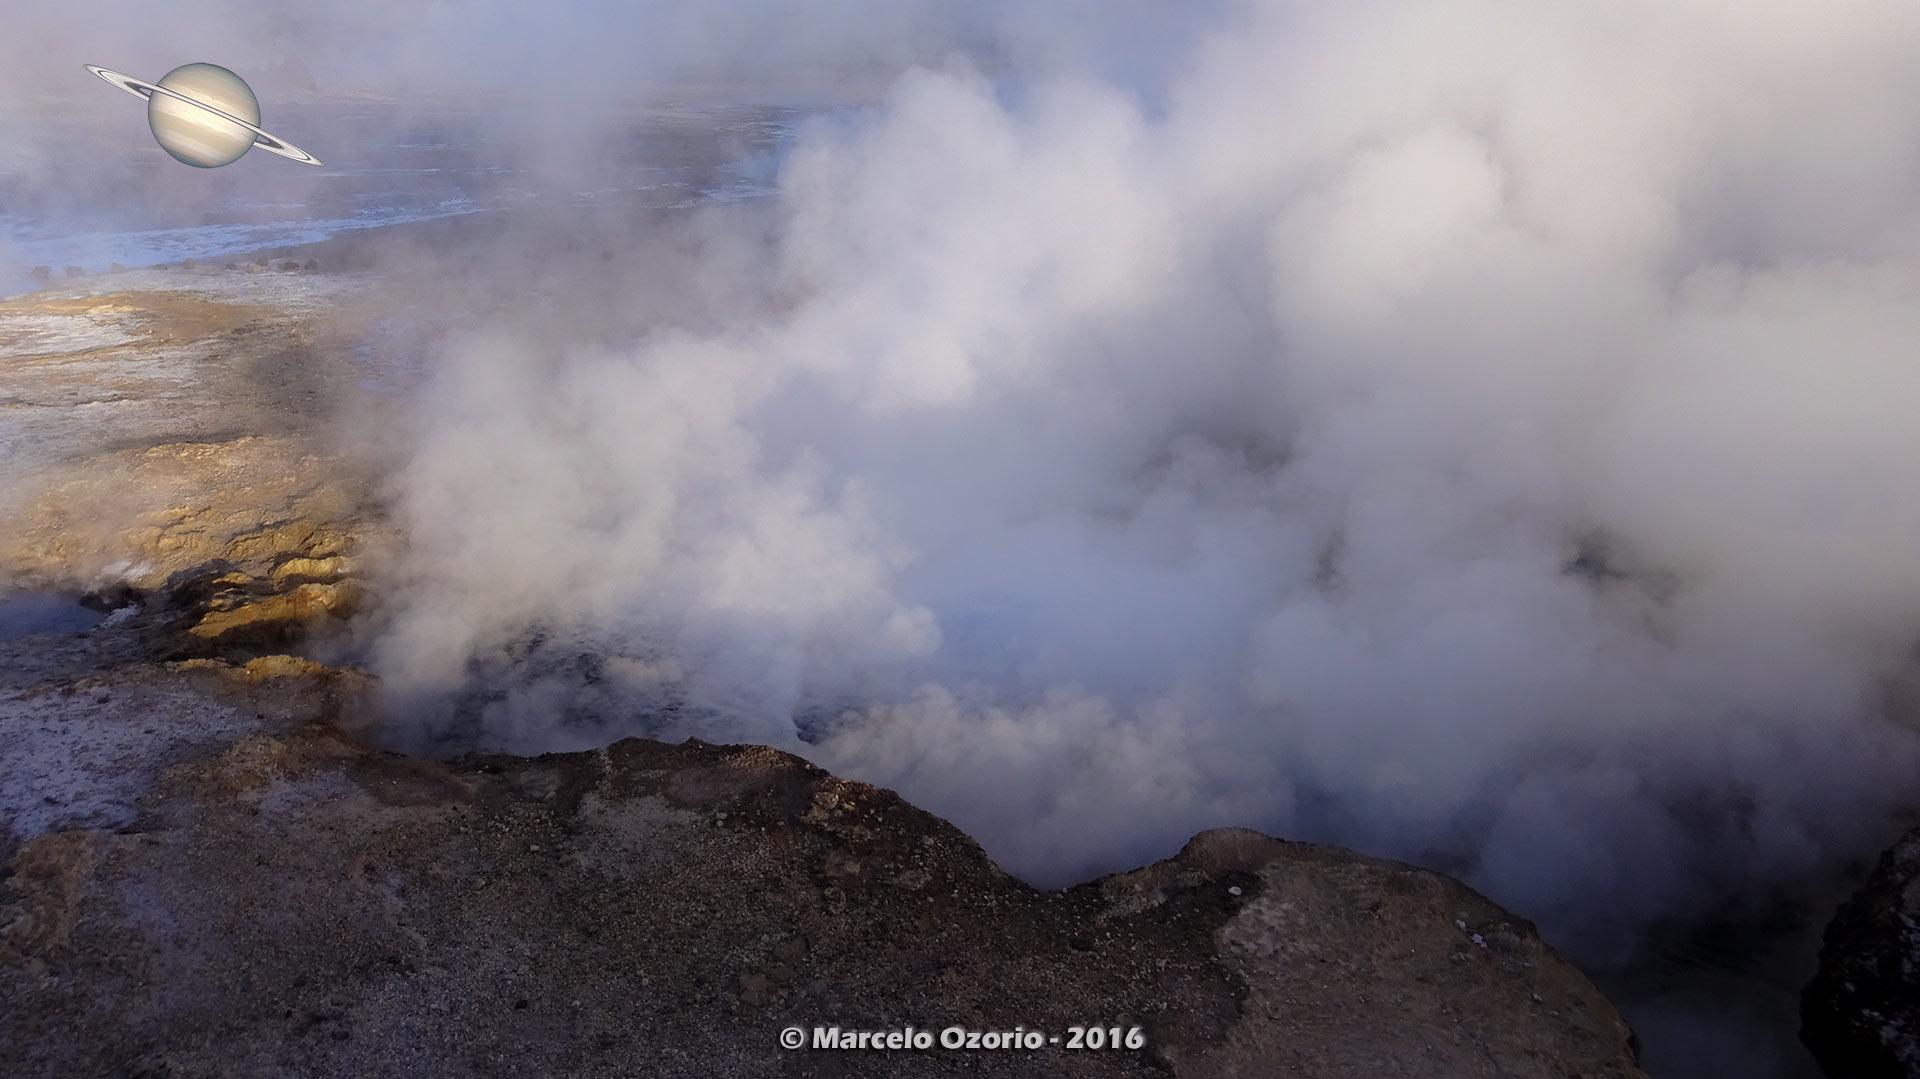 el tatio geysers atacama desert 16 - The Surreal El Tatio Geysers - Atacama Desert - Chile